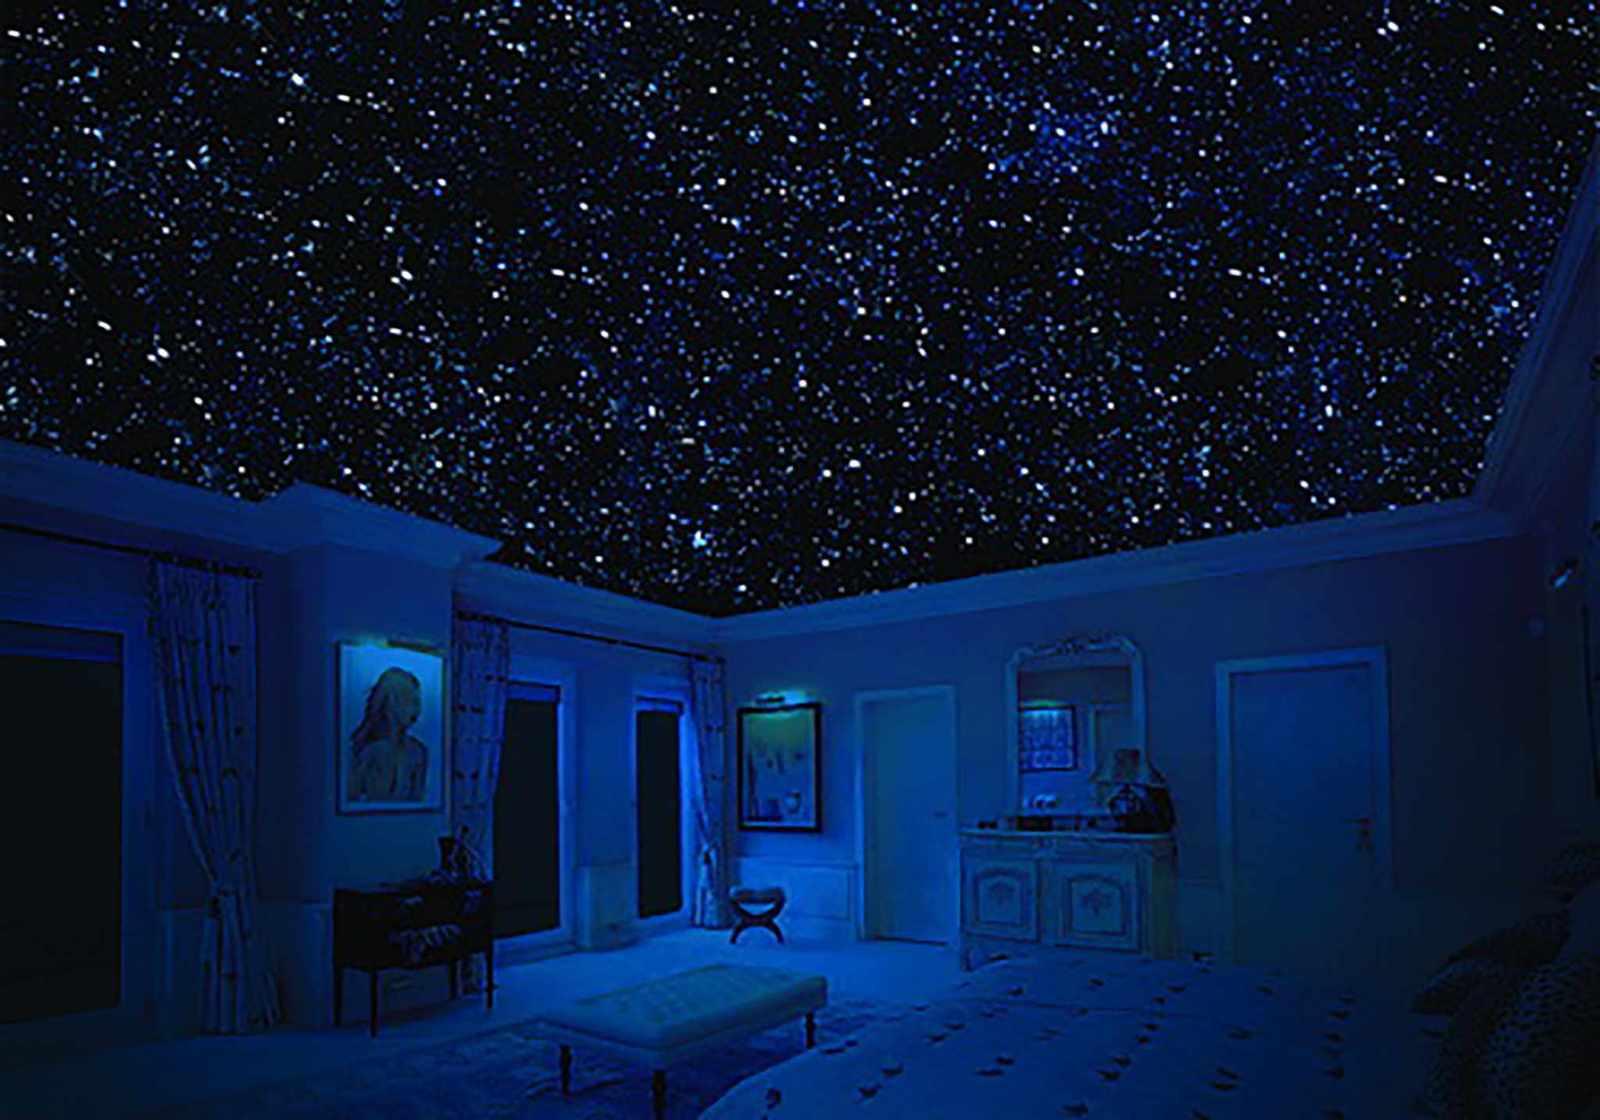 как сделать звездное небо на фото последний раз, все